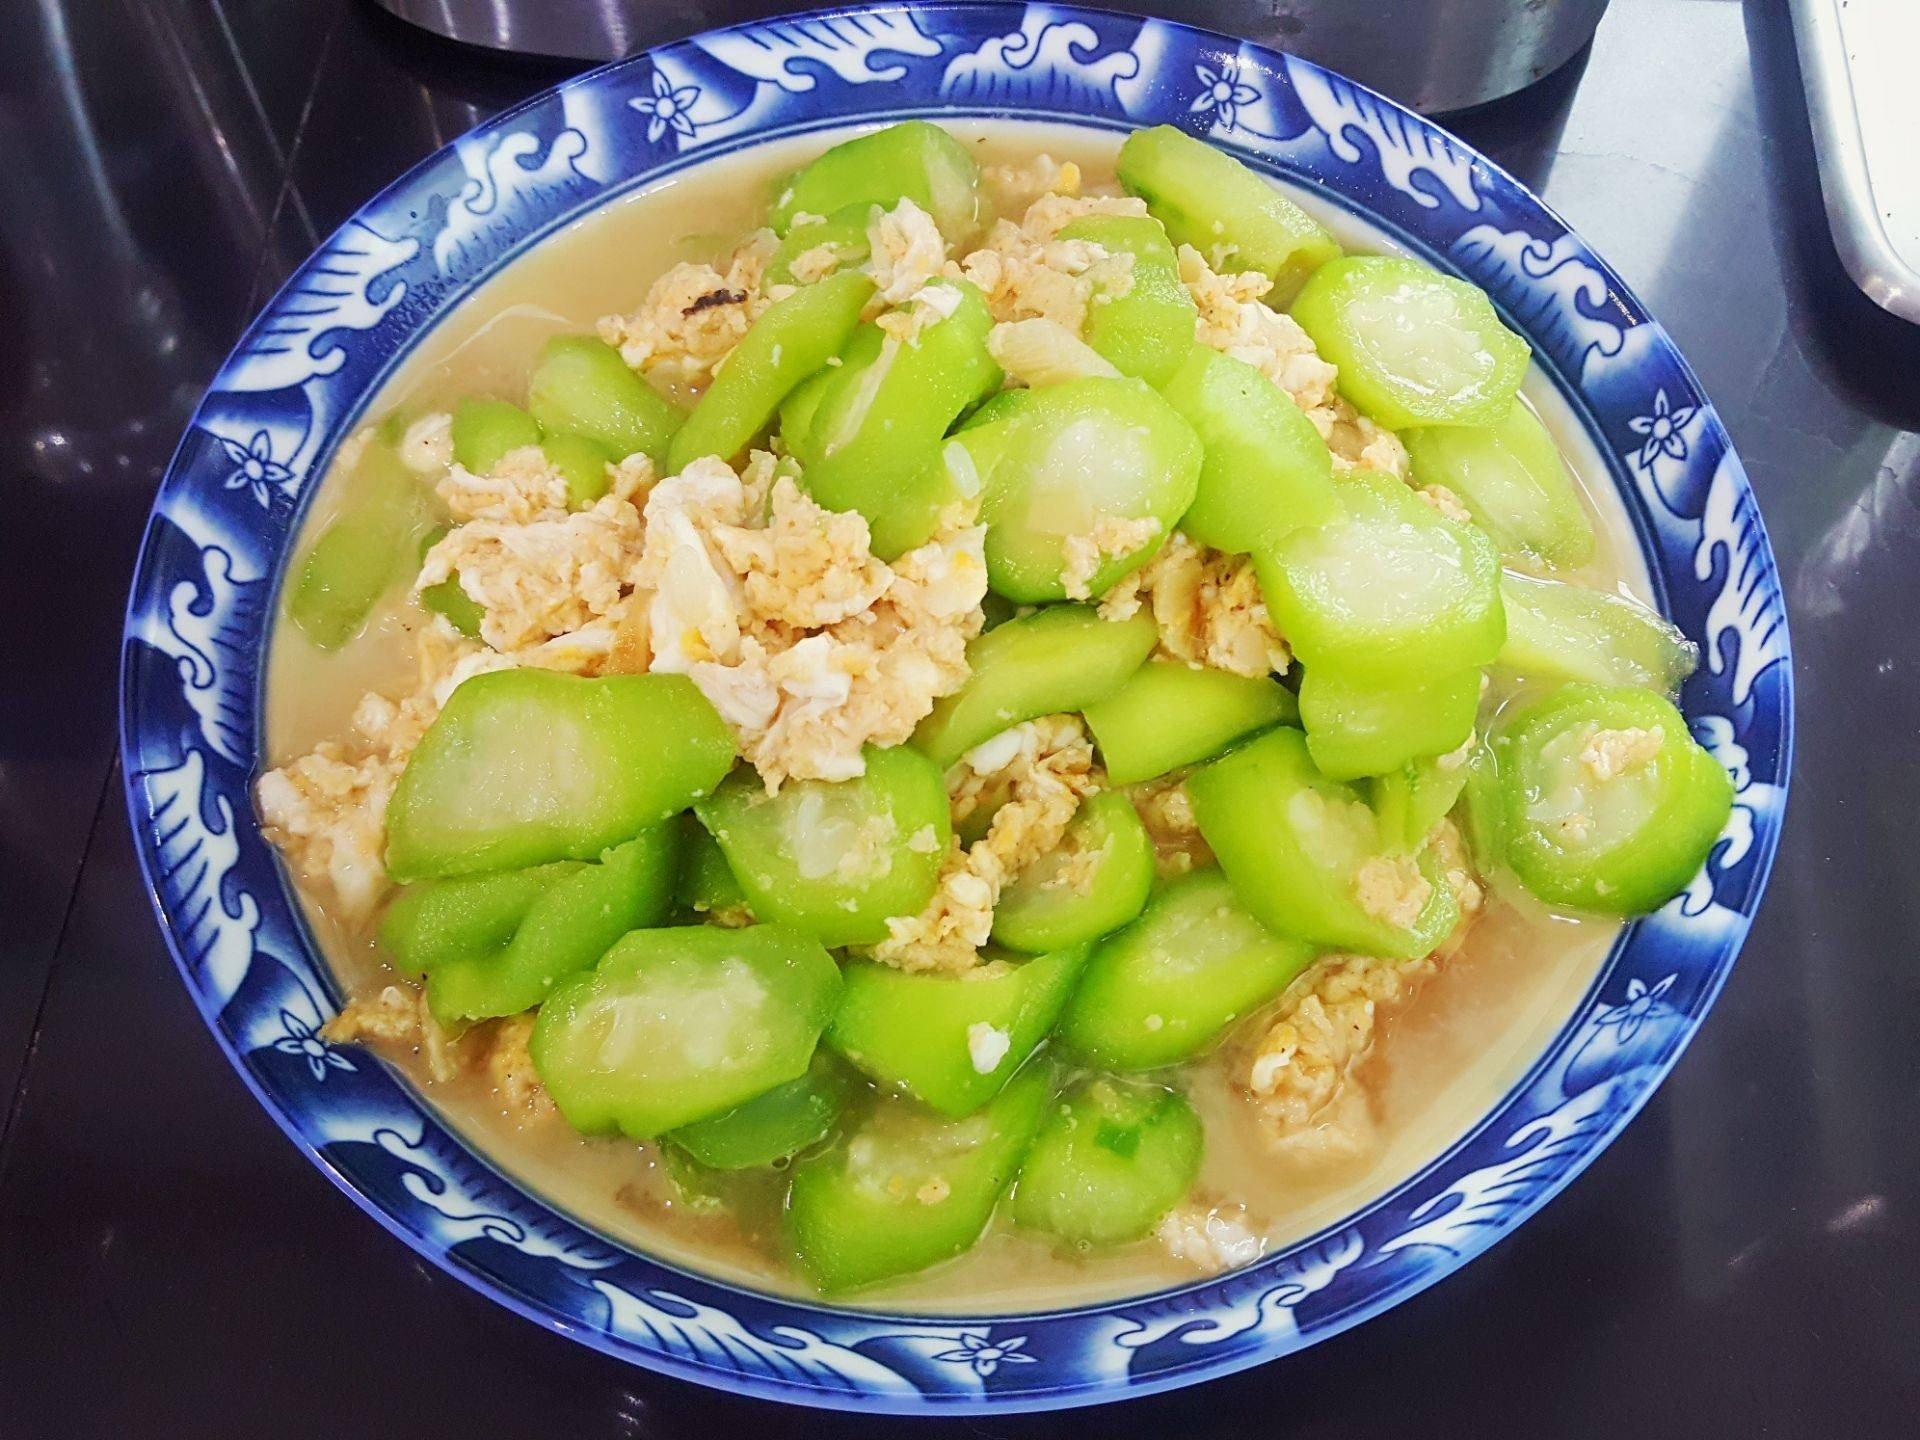 สูตร ผัดบวบใส่ไข่ พร้อมวิธีทำโดย ครูโย โยโฮมคาเฟ่ - Wongnai Cooking